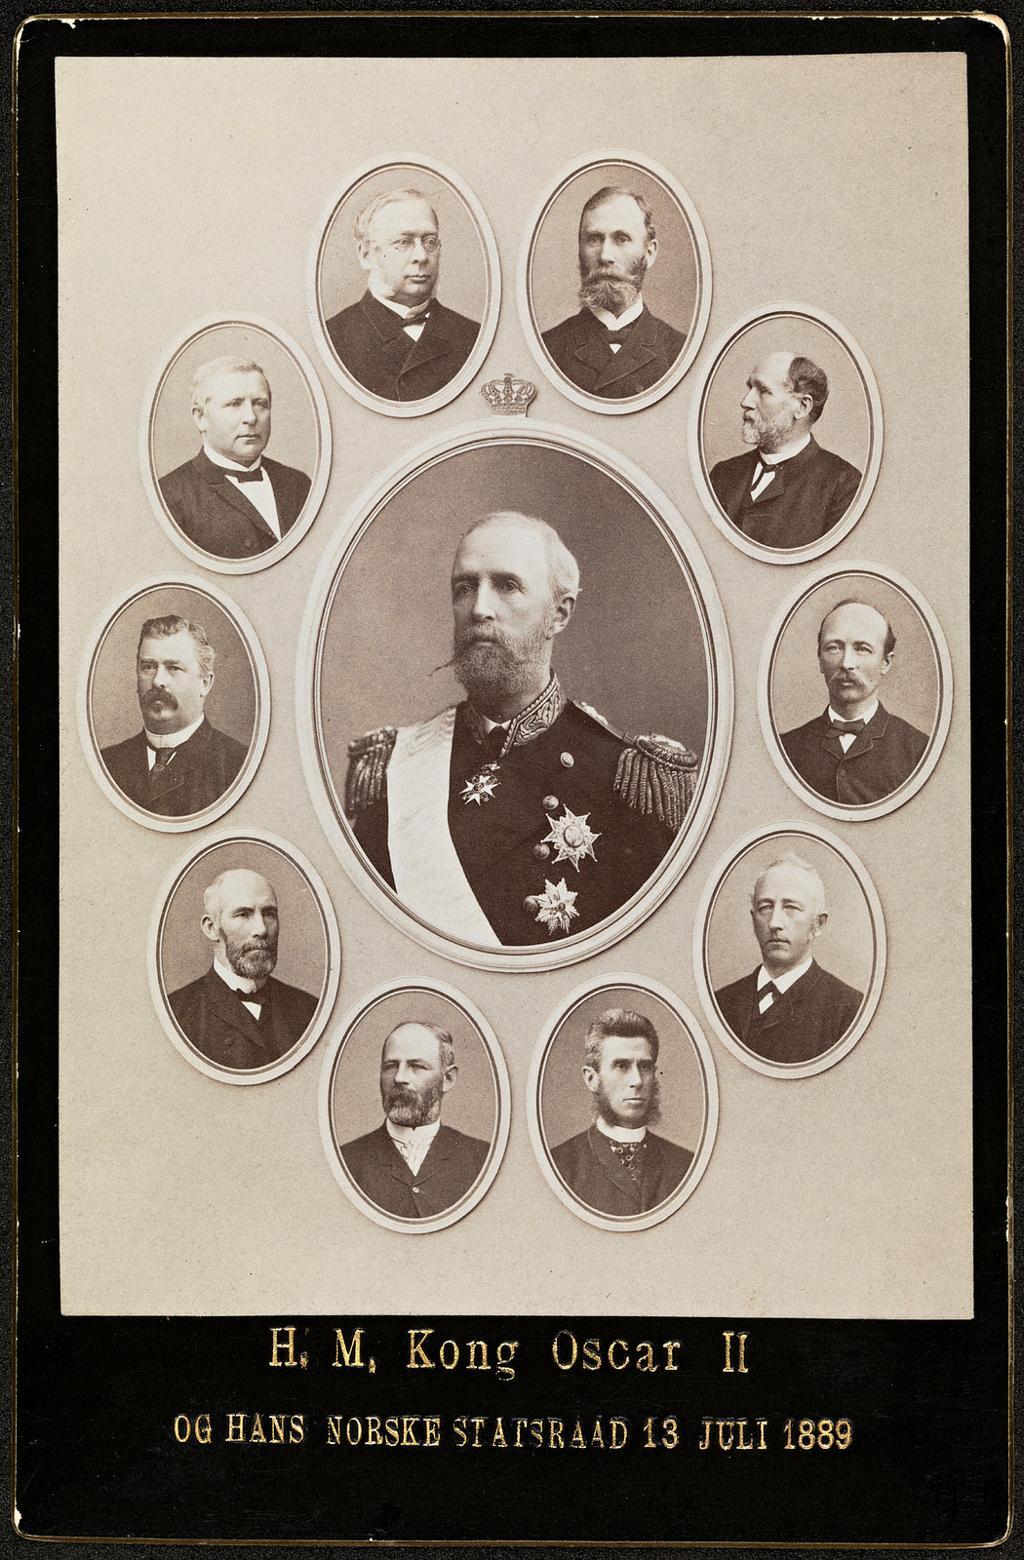 Kong Oscar og hans norske statsråd i juli 1889. Foto.